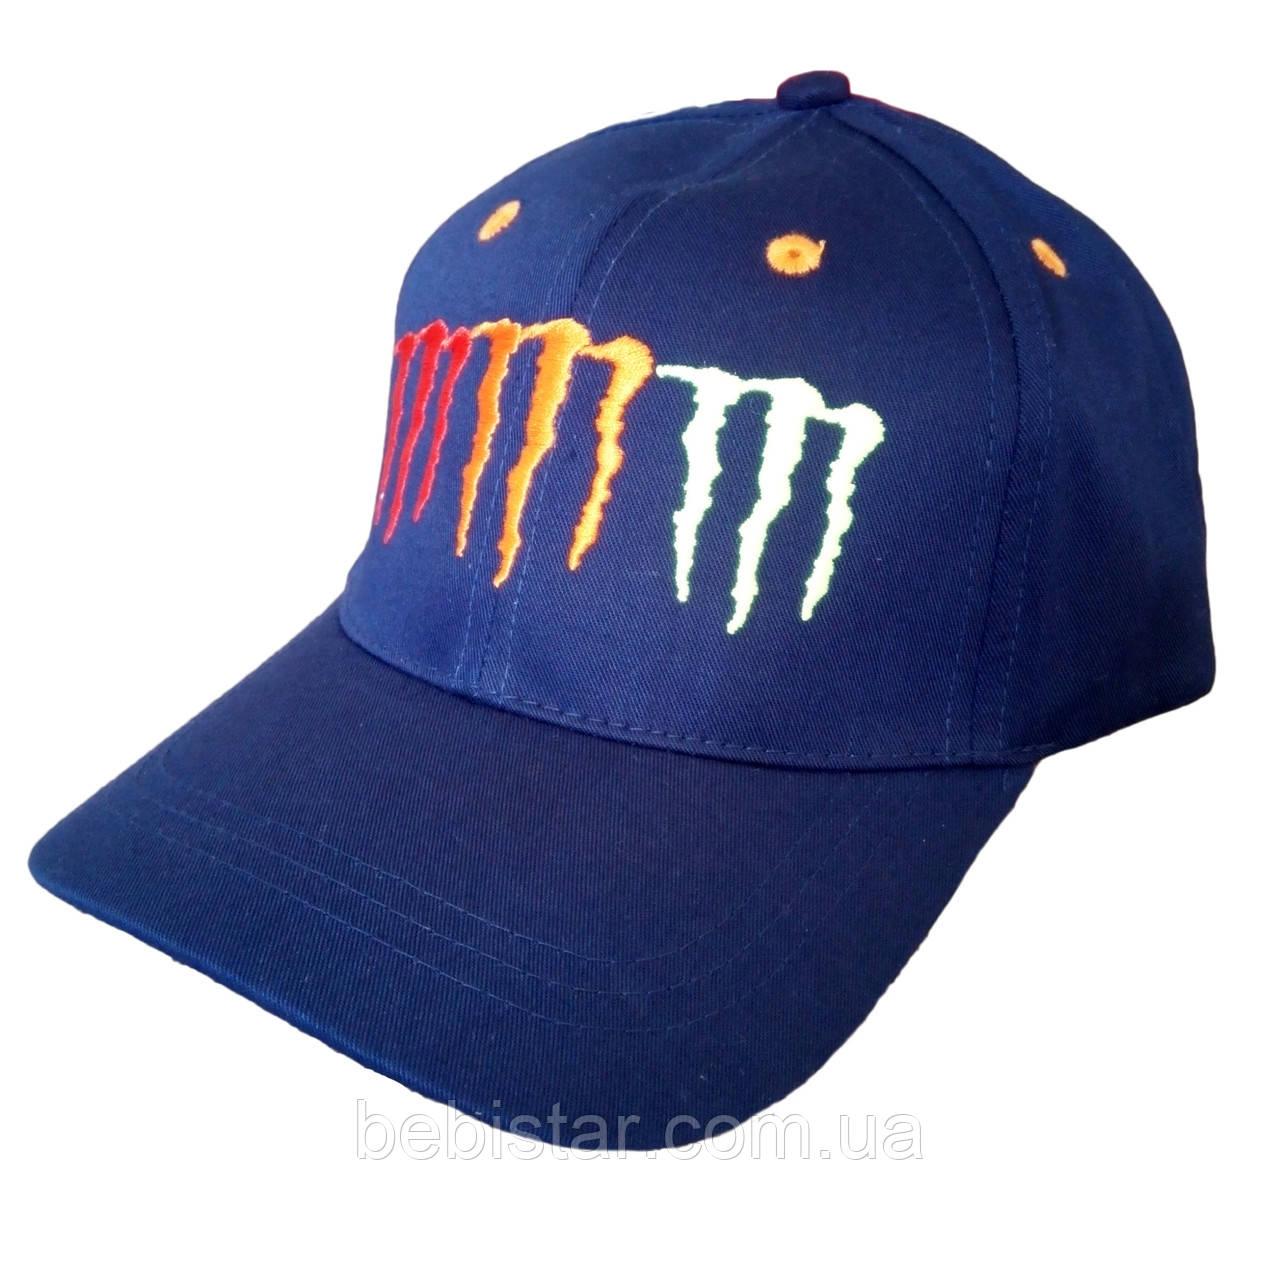 Кепка бейсболка синяя для мальчика